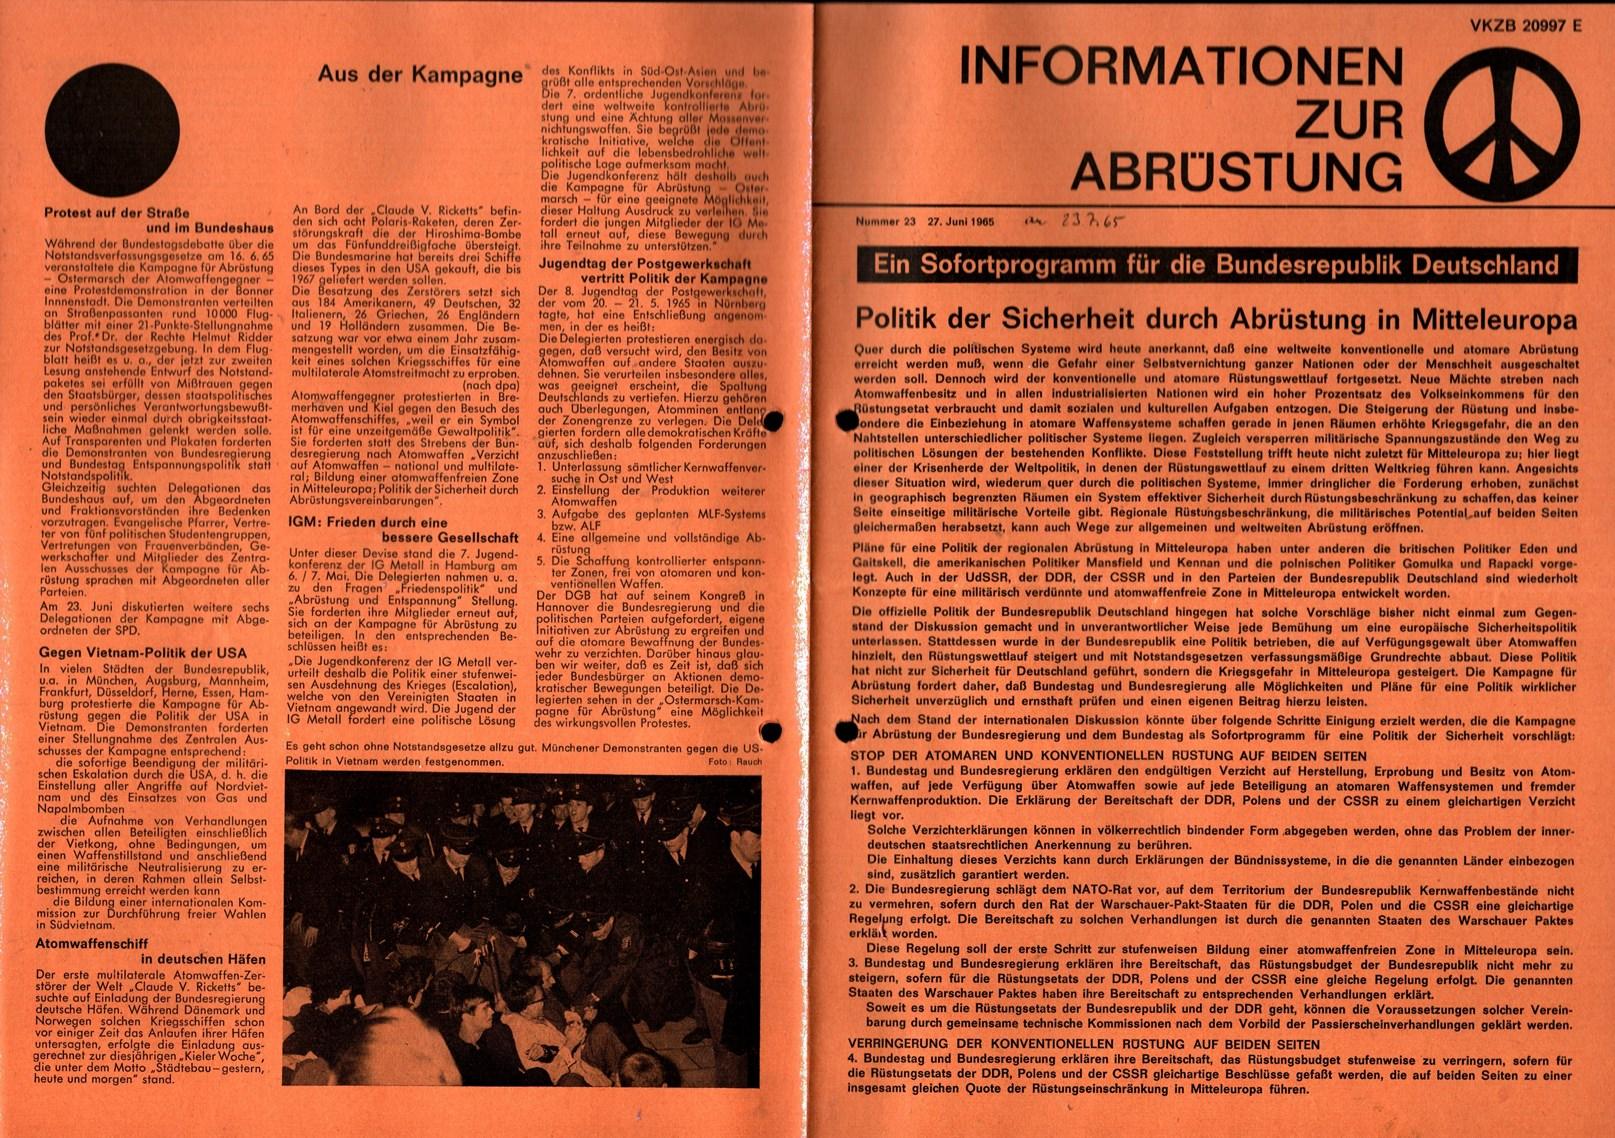 Infos_zur_Abruestung_1965_023_001